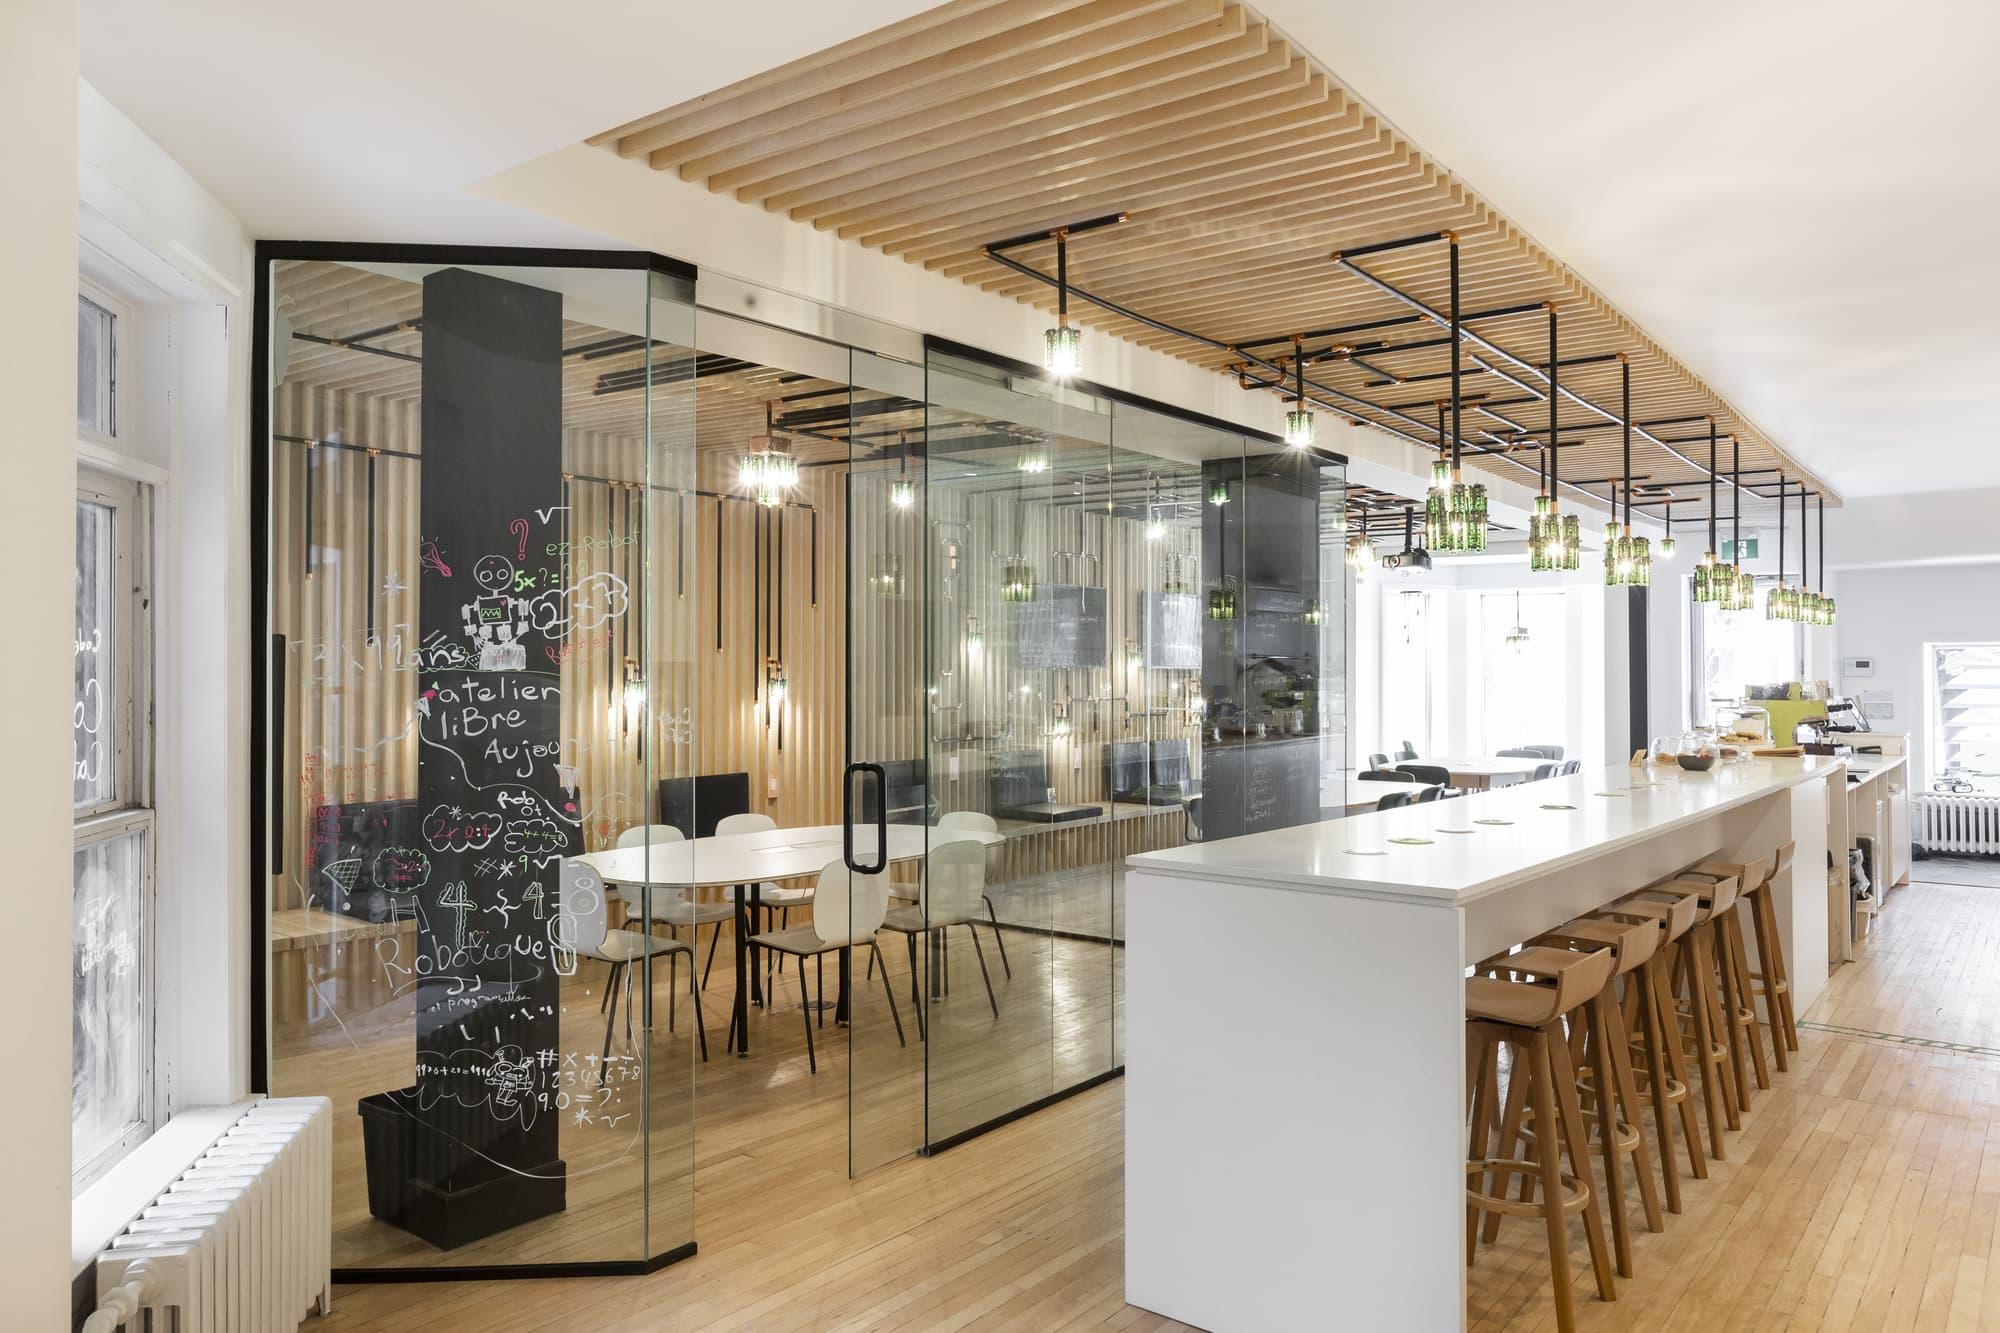 aménagement d'un commerce - café internet avec comptoir de travail blanc et salle de conférence vitrée